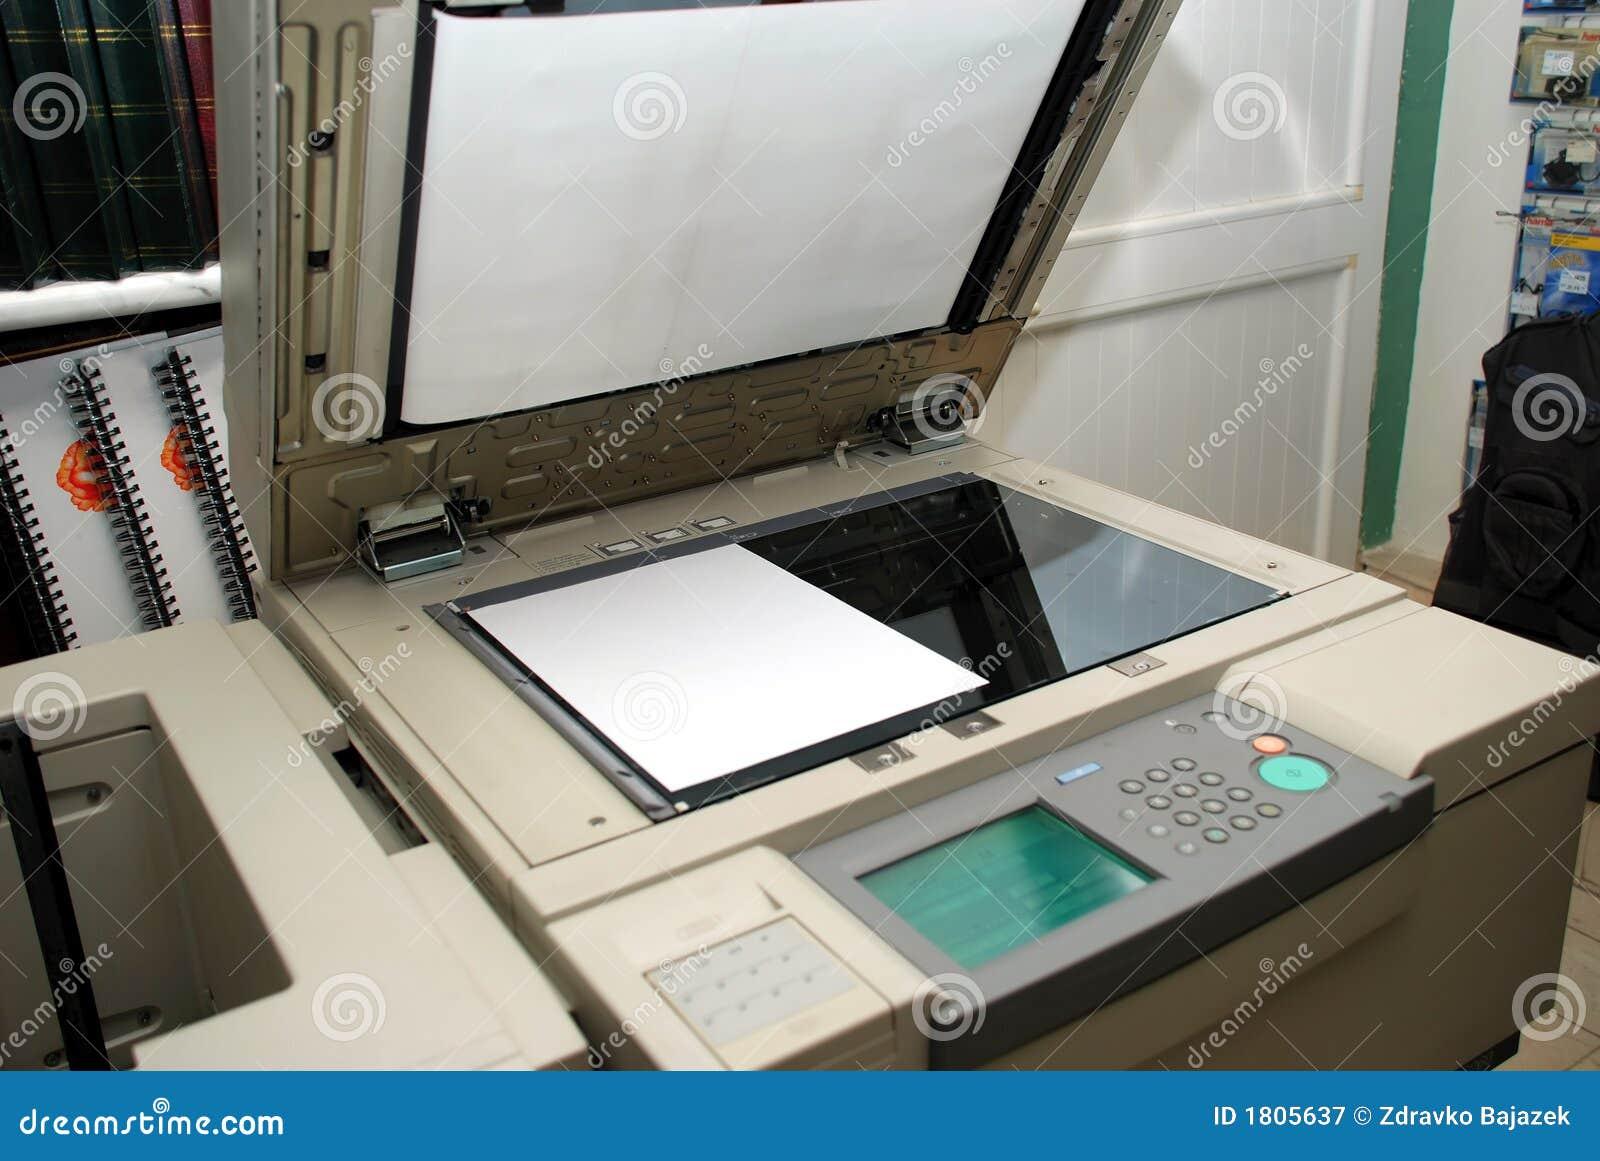 Photocopie machine03